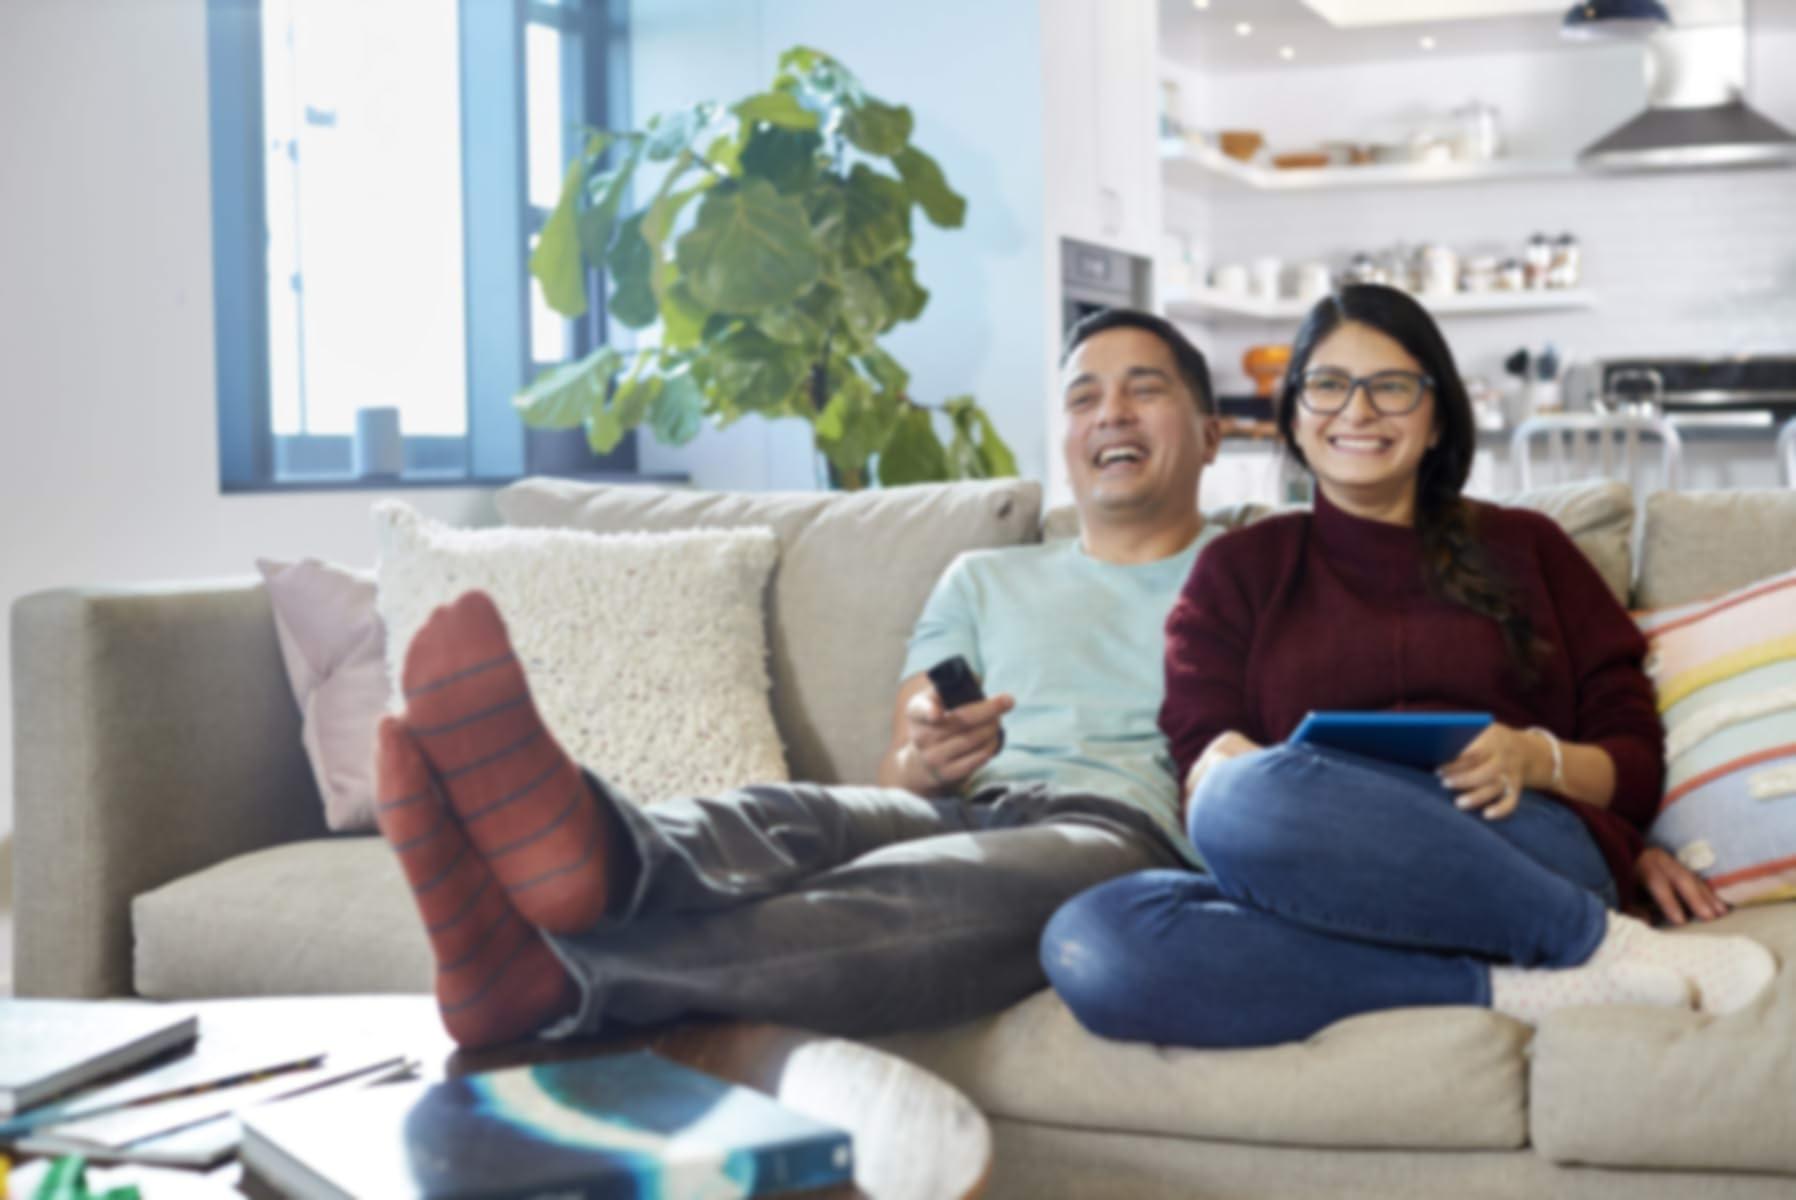 ソファに座りテレビを観ているカップル。